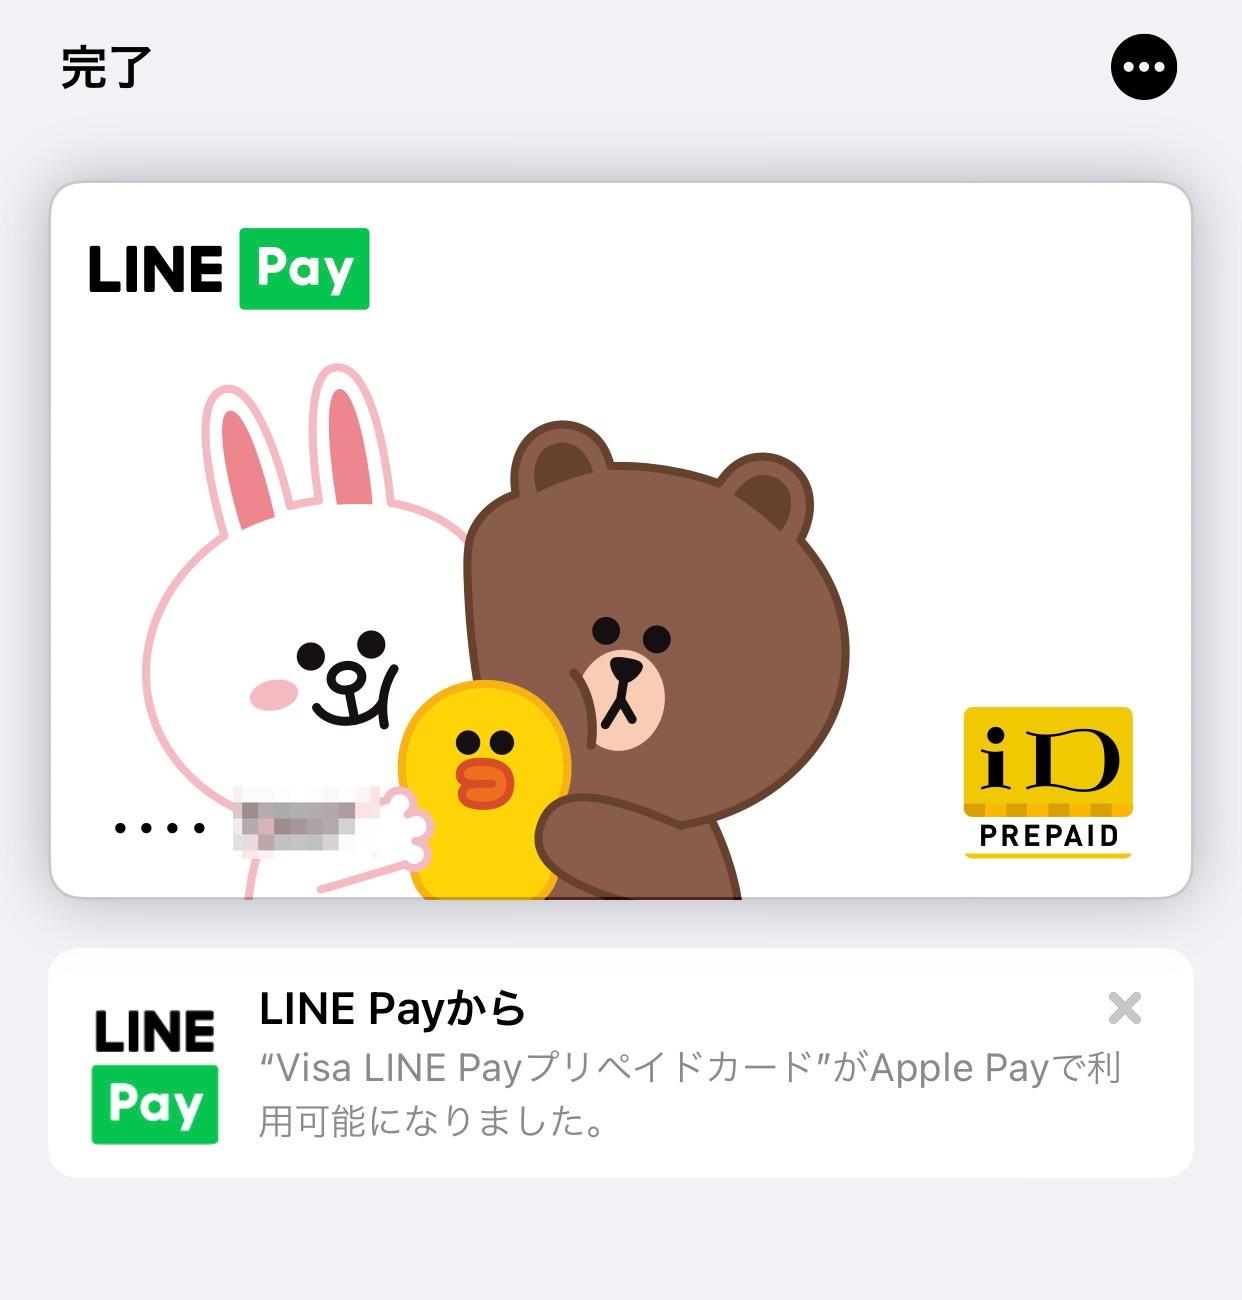 【LINE Pay】プリペイドカード発行でApple PayによるiDタッチ決済が可能に